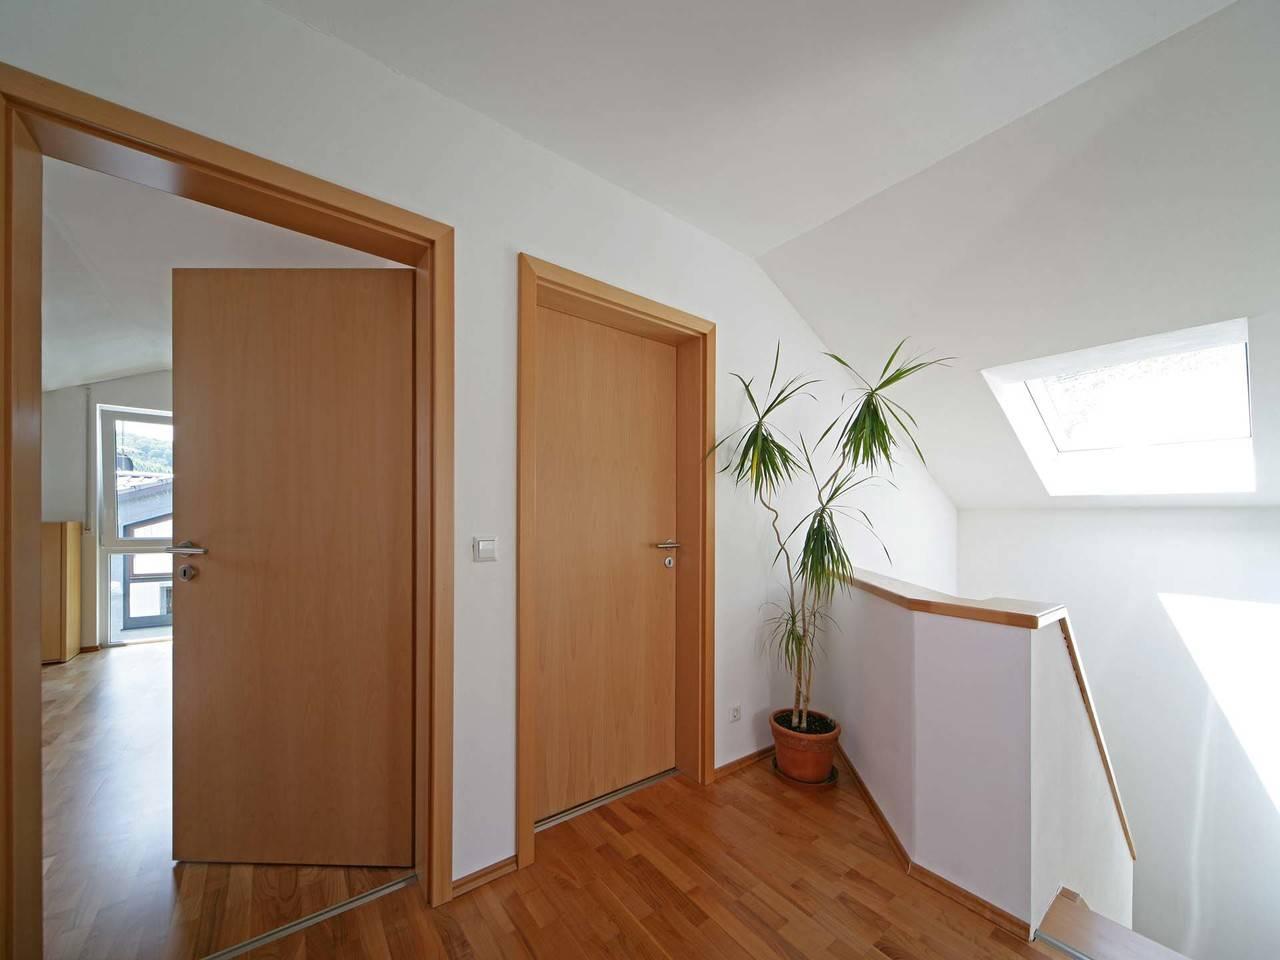 Fertighaus Weiss Mehrgenerationenhaus Vollmer-Kientsch Flur